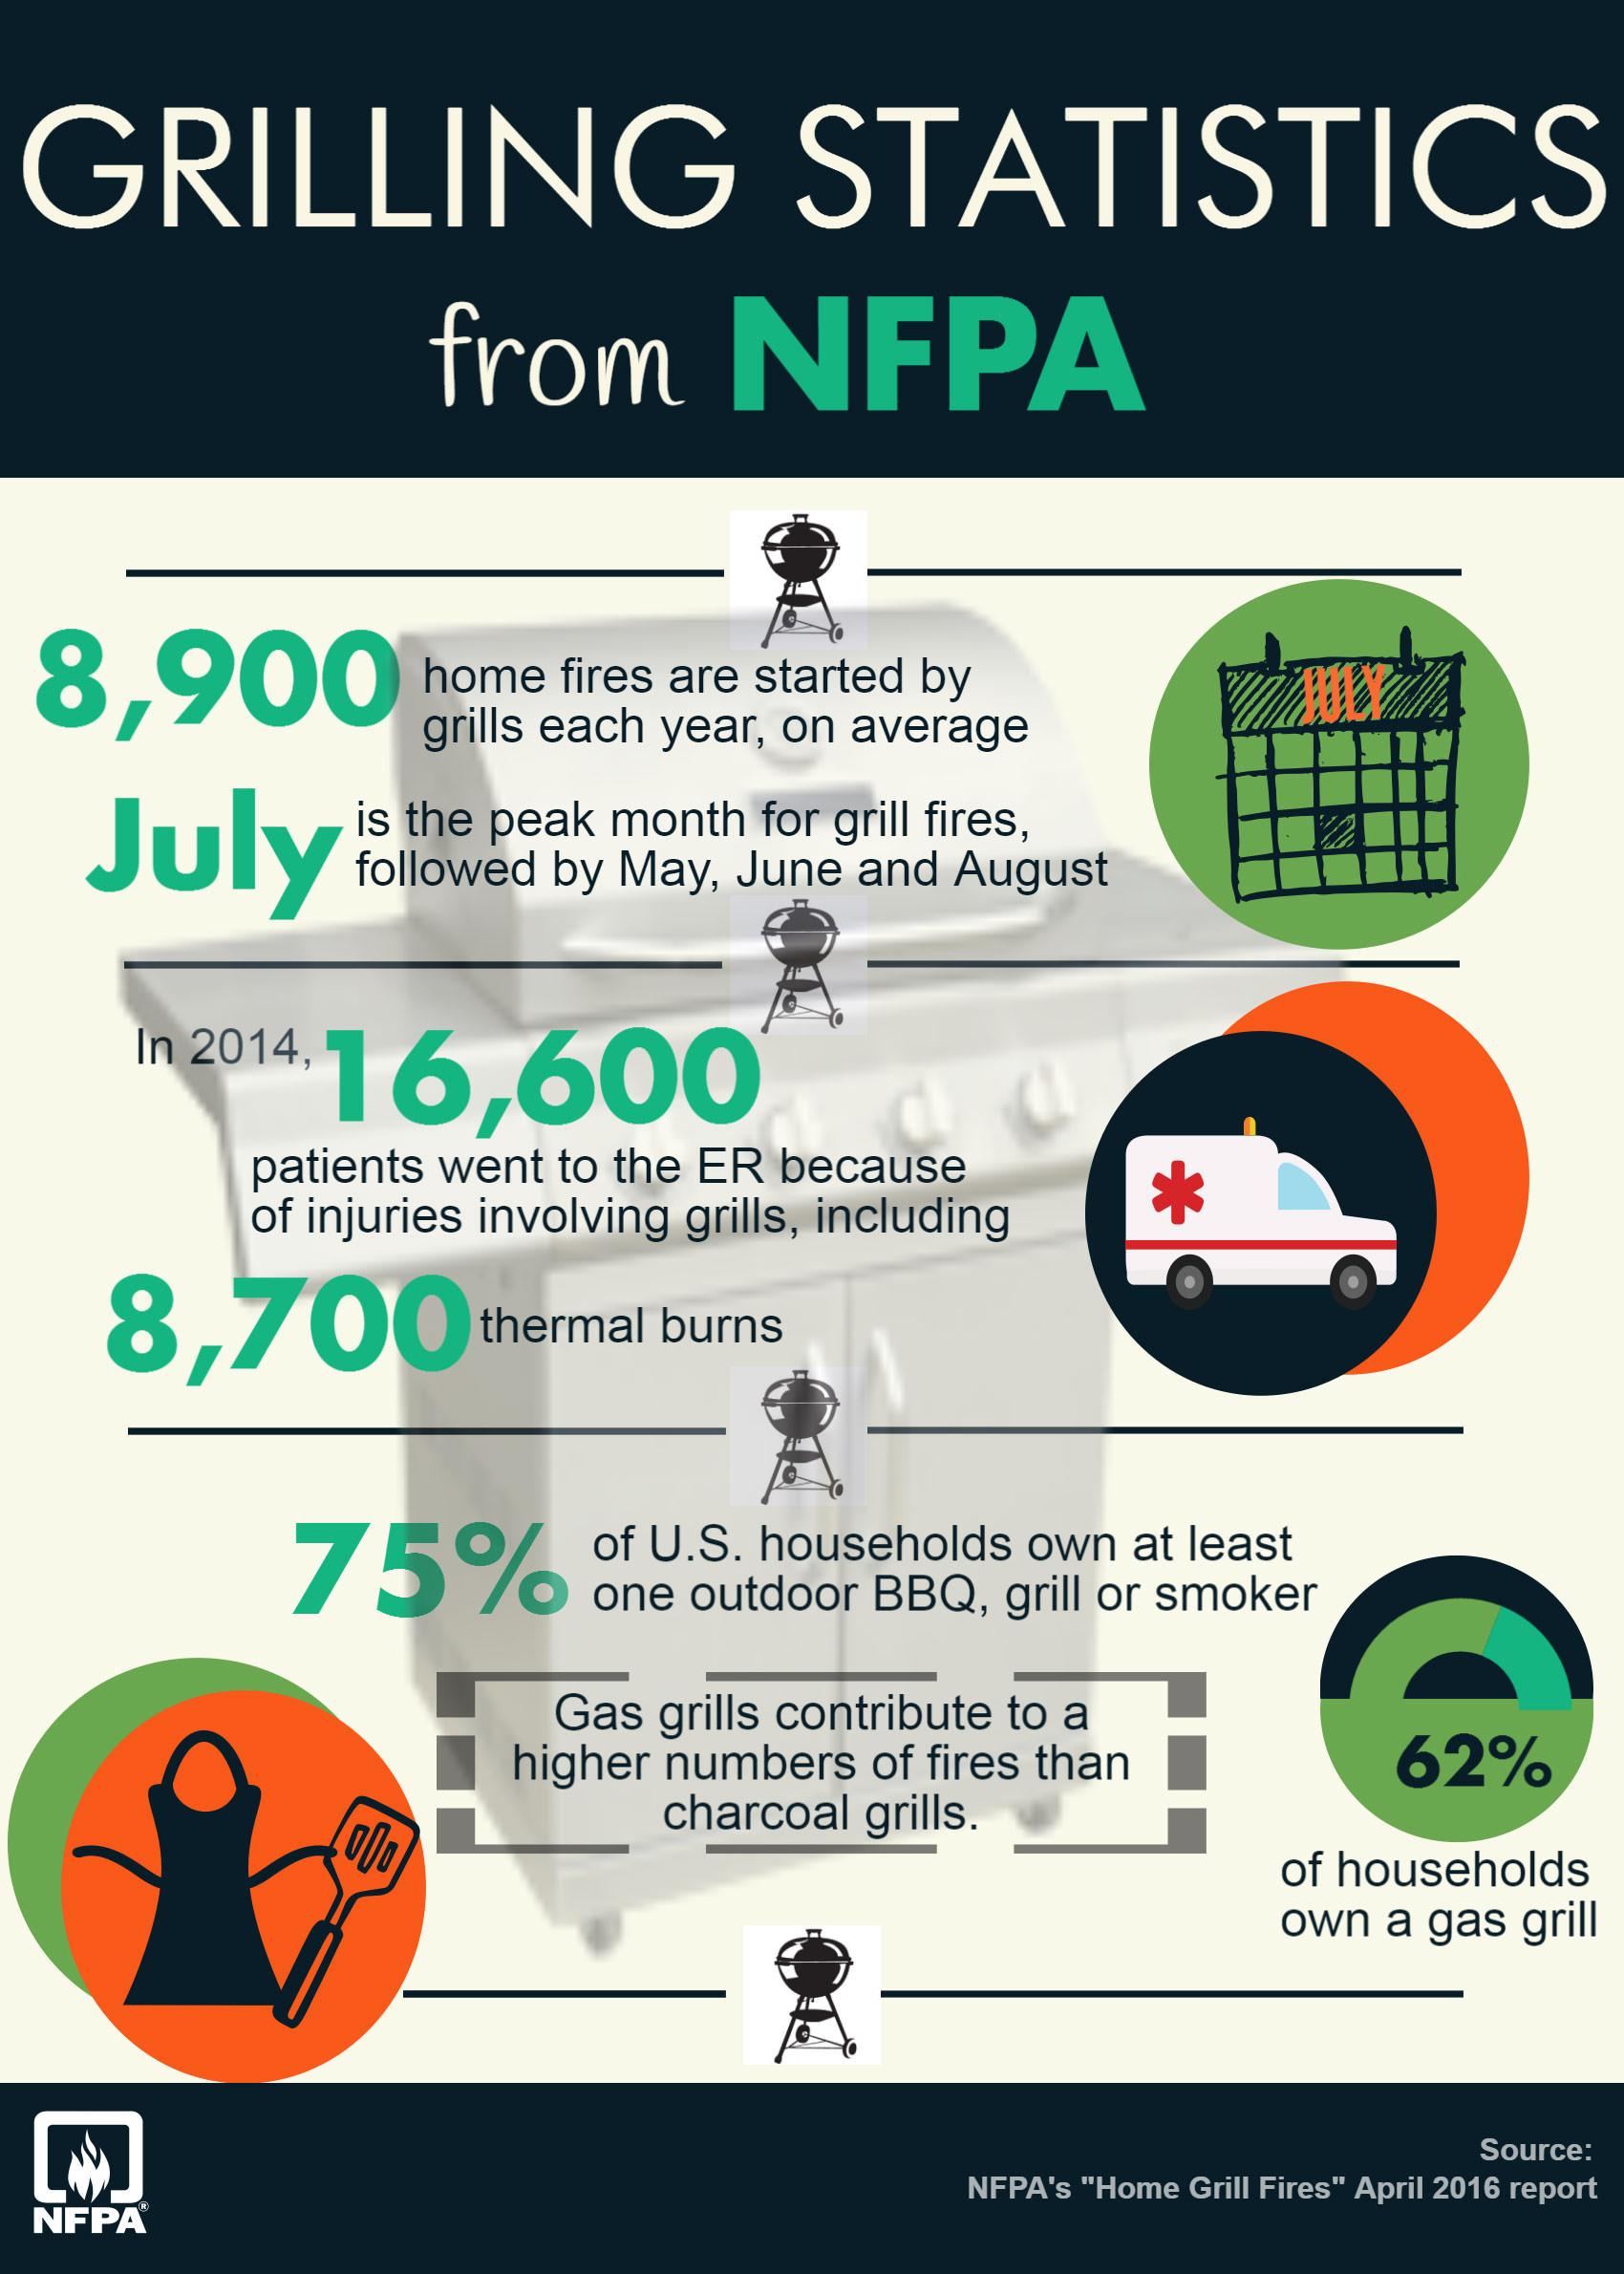 nfpa-grilling-statistics.jpg